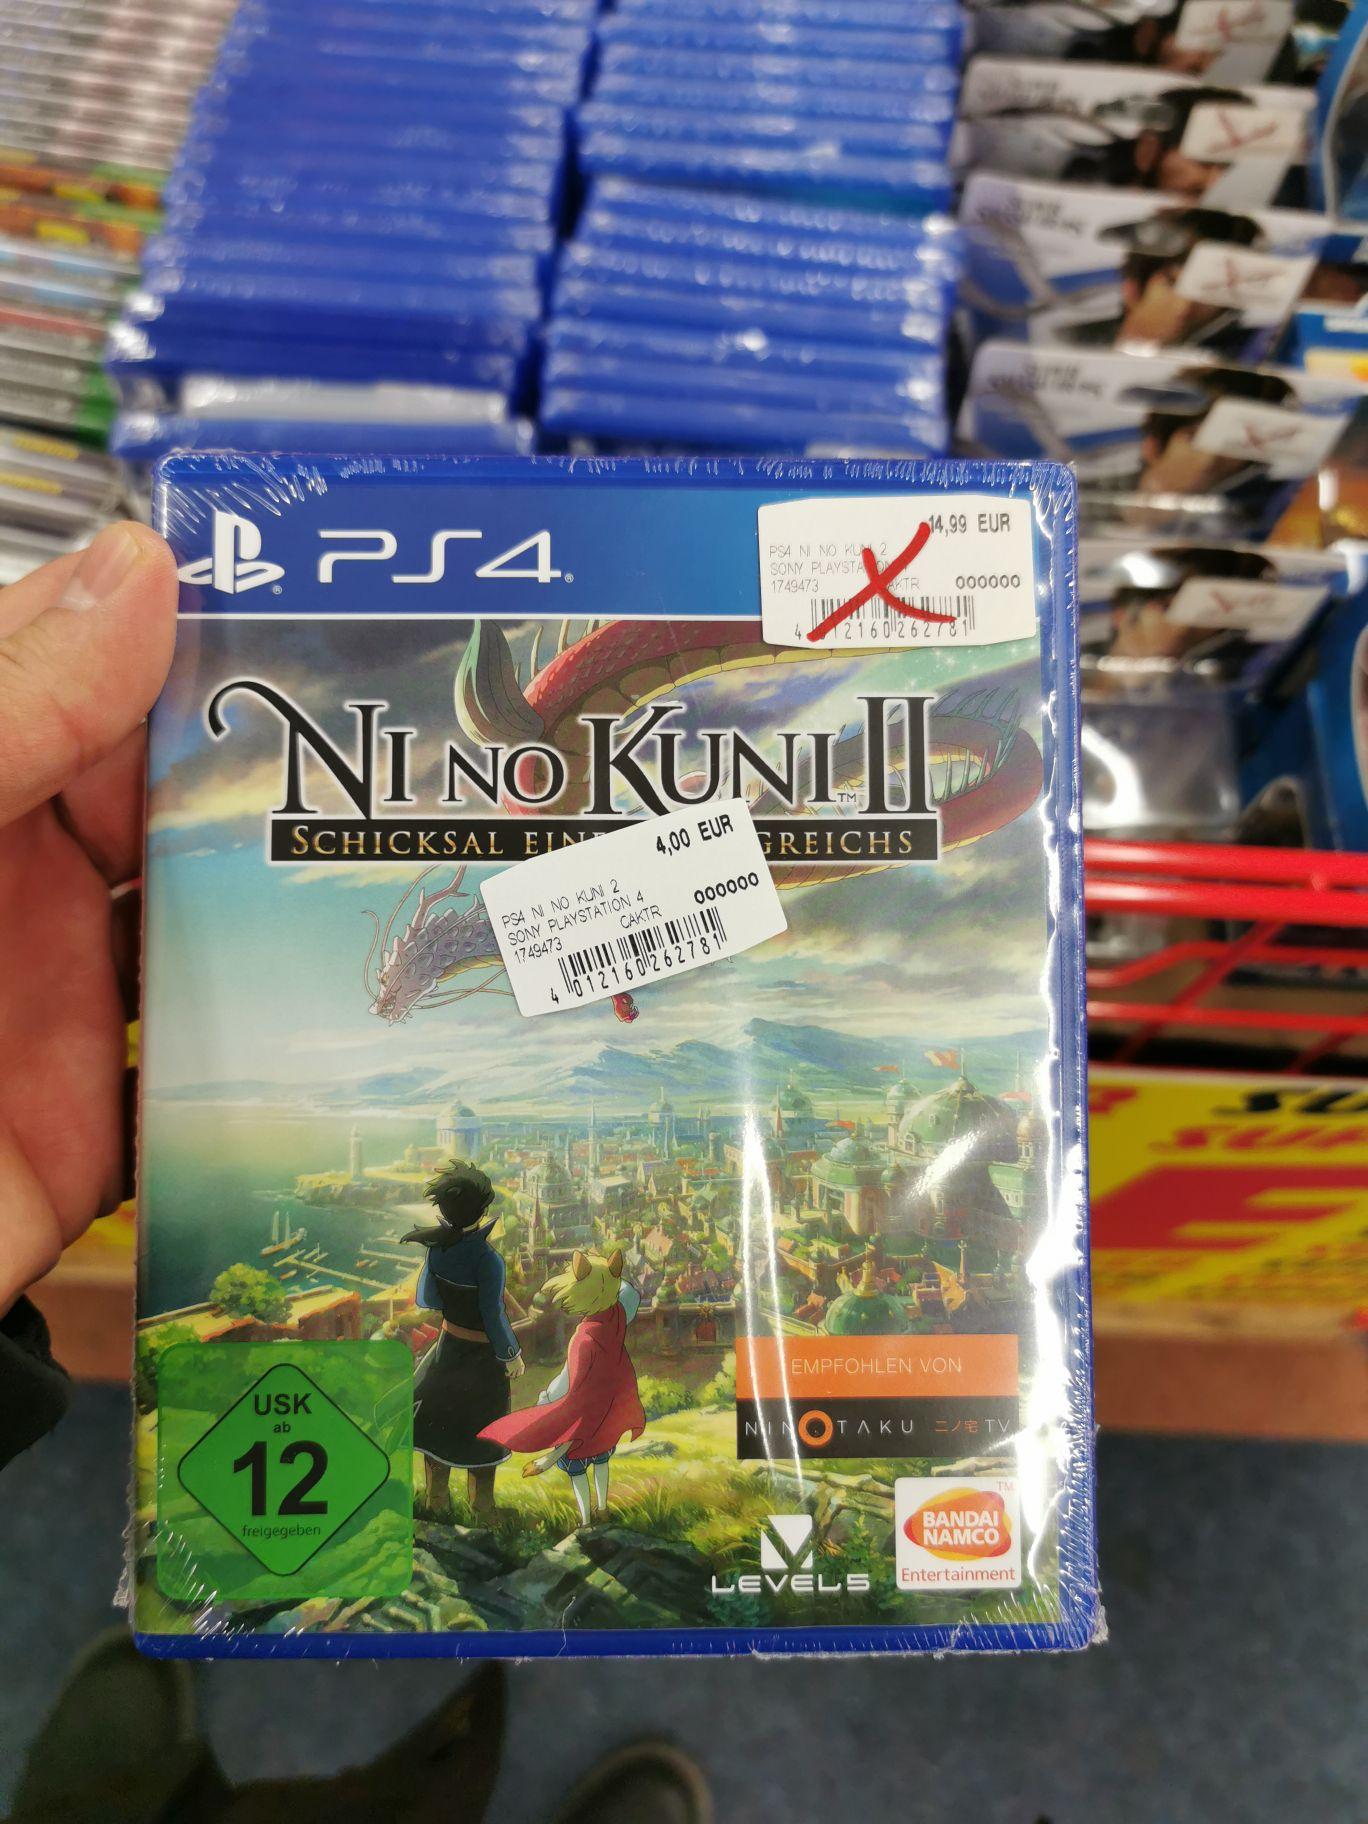 Mediamarkt PS4 und Xbox games Angebote (SCS) (Ni No Kuni 2 für 4 €)